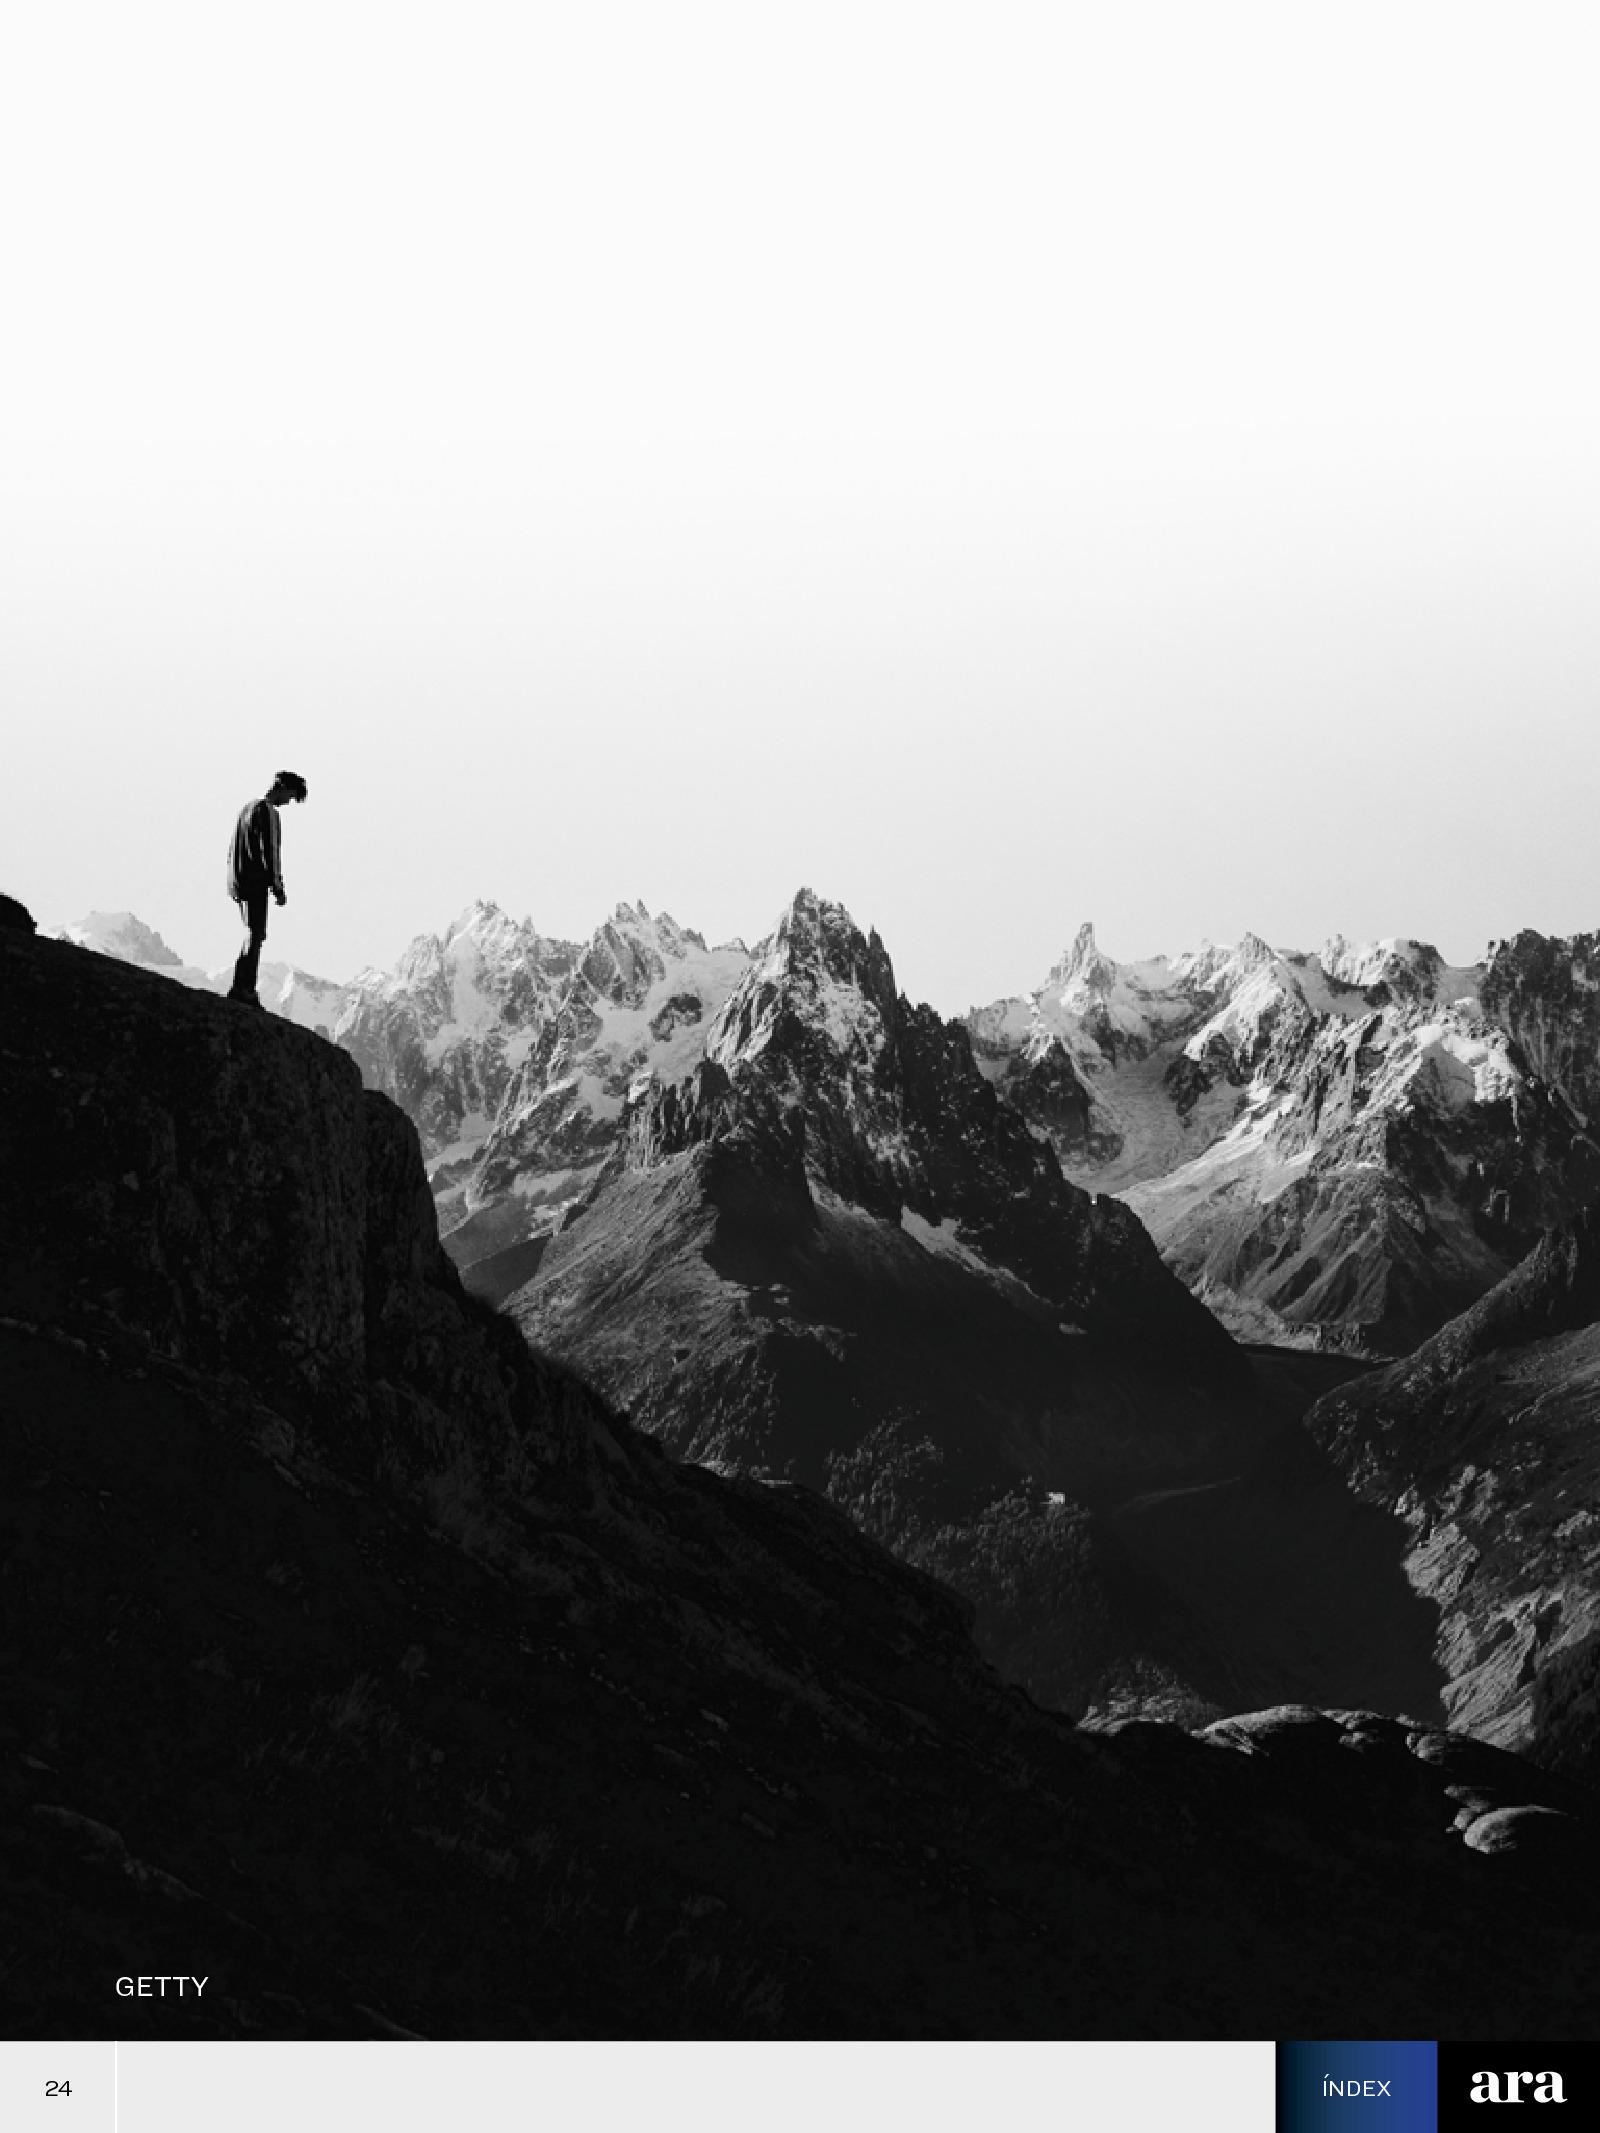 Suïcidis: trencar el silenci i ajudar a prevenir 2